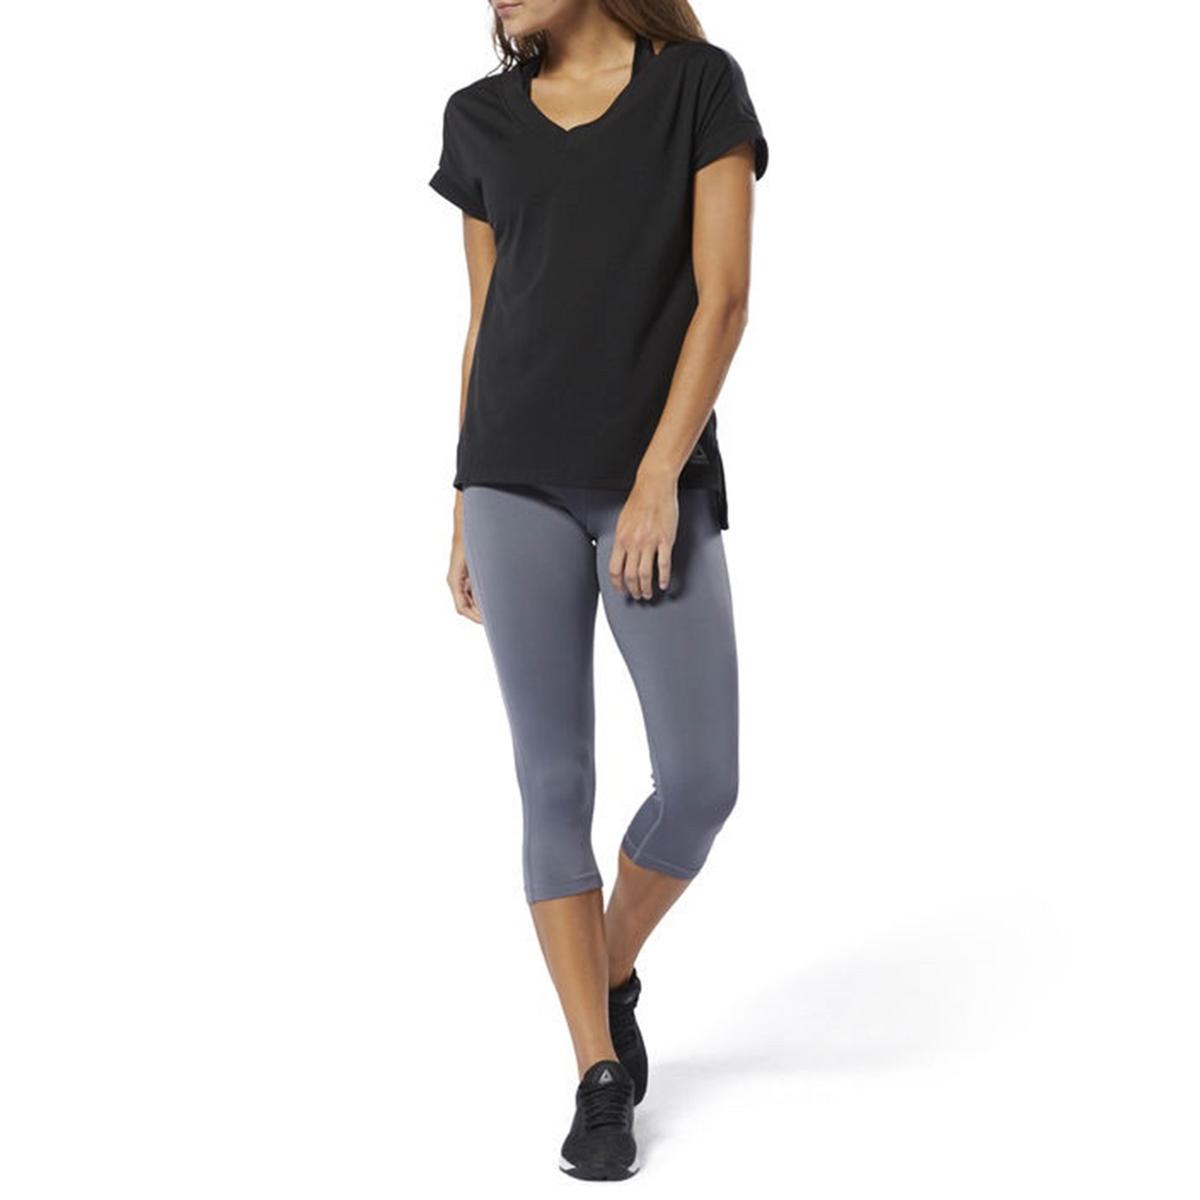 Imagen principal de producto de Camiseta con cuello de pico, Wor Sup Detail - Reebok